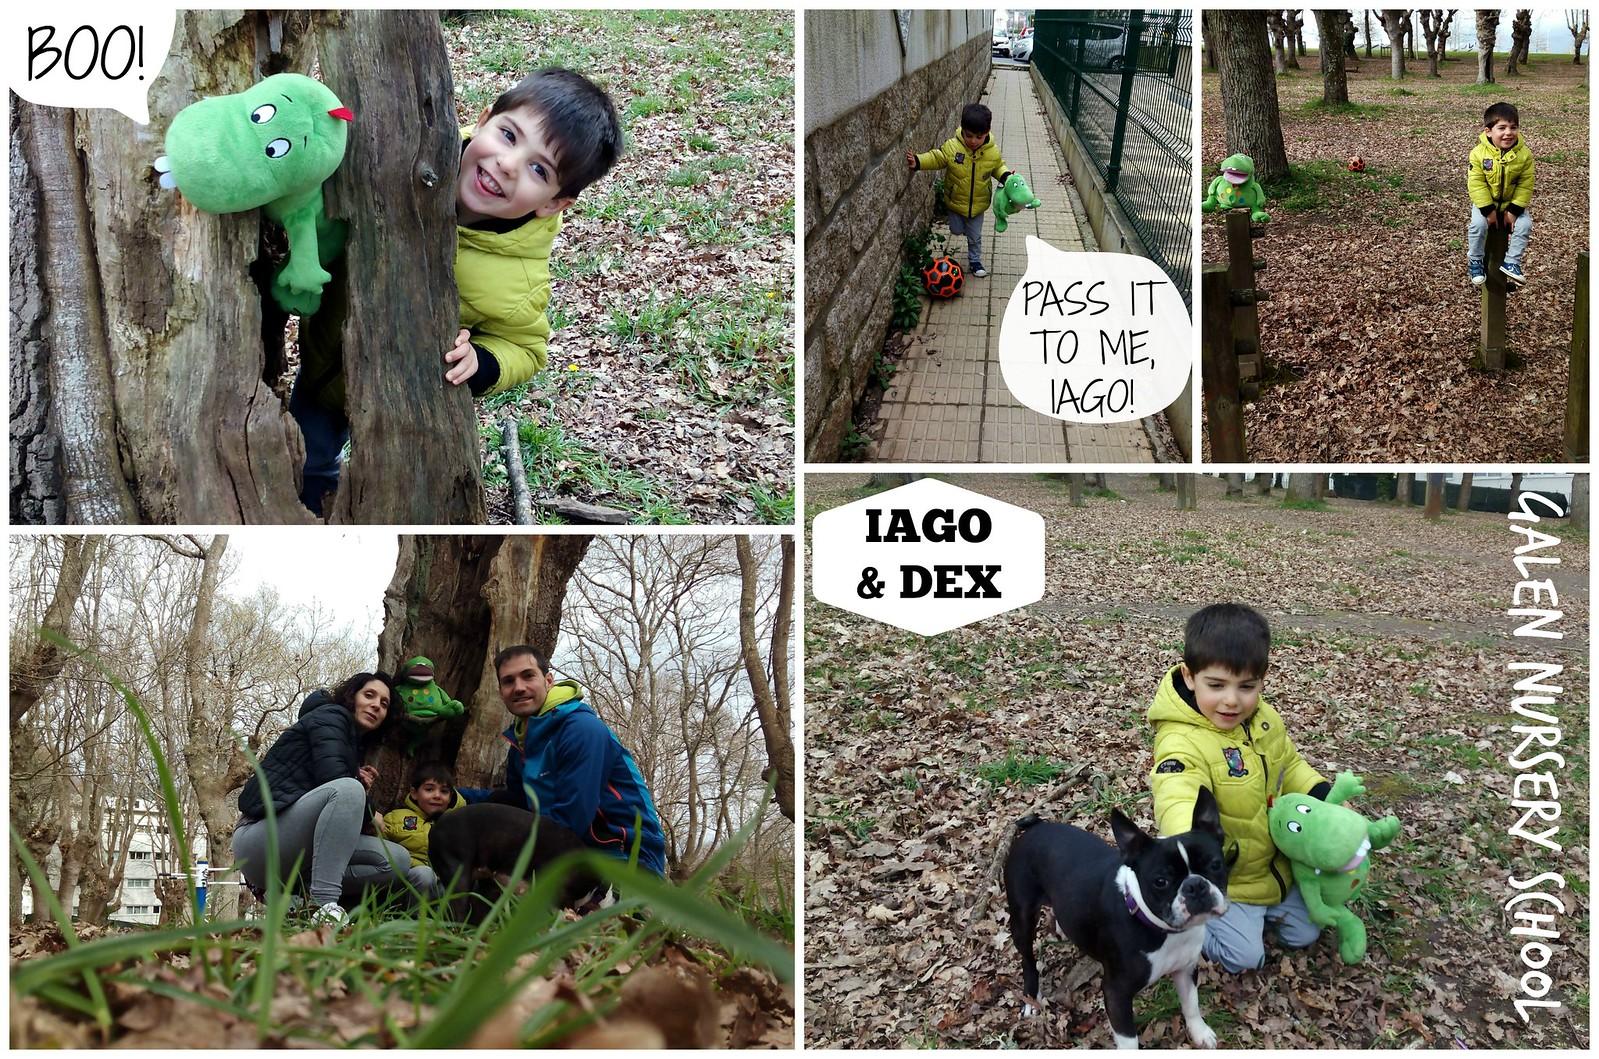 IAGO & DEX